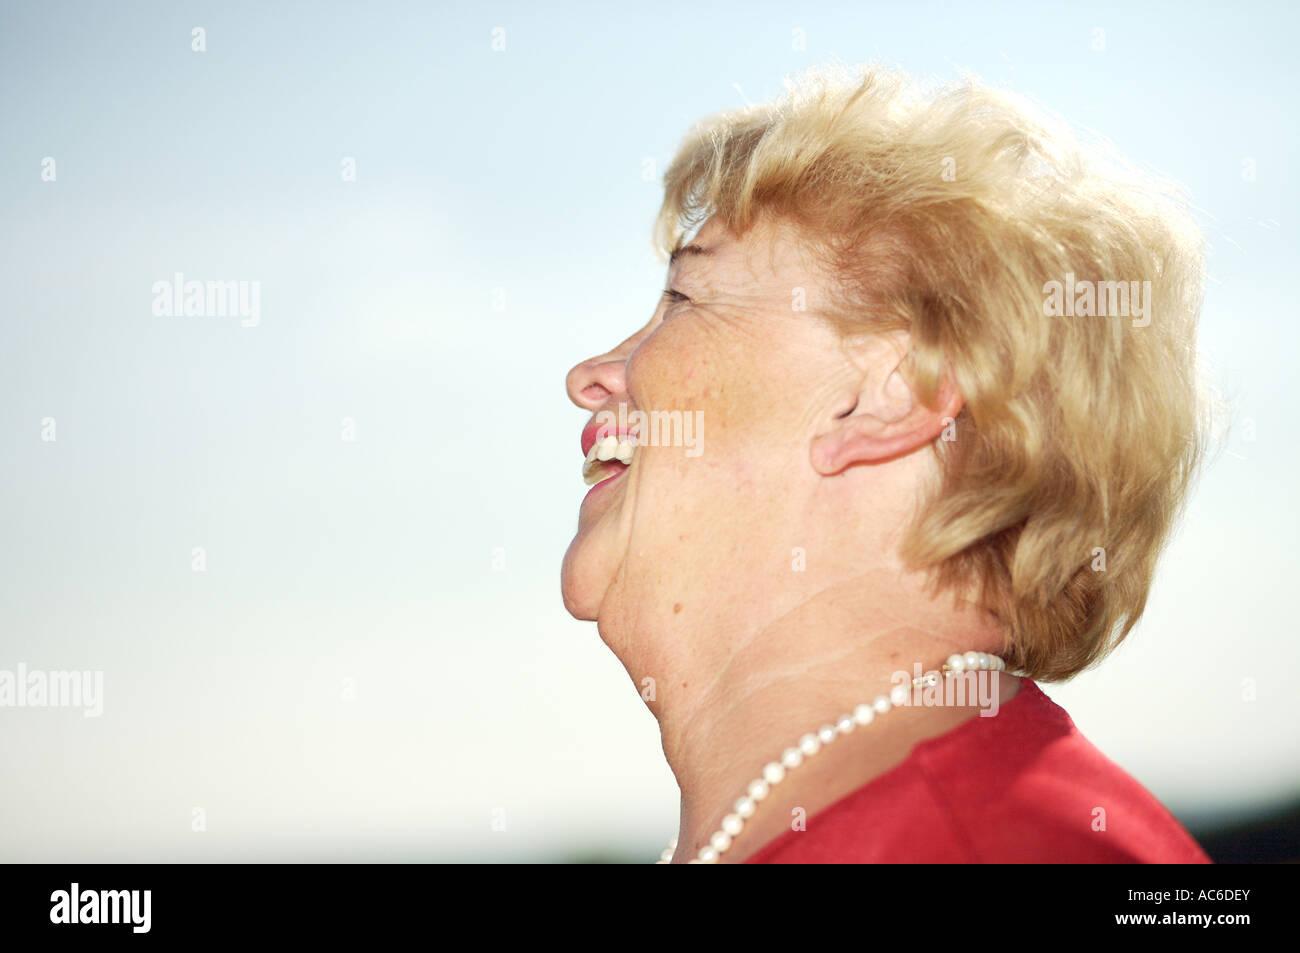 Portraet einer alten Dame portrait of an old lady Stock Photo